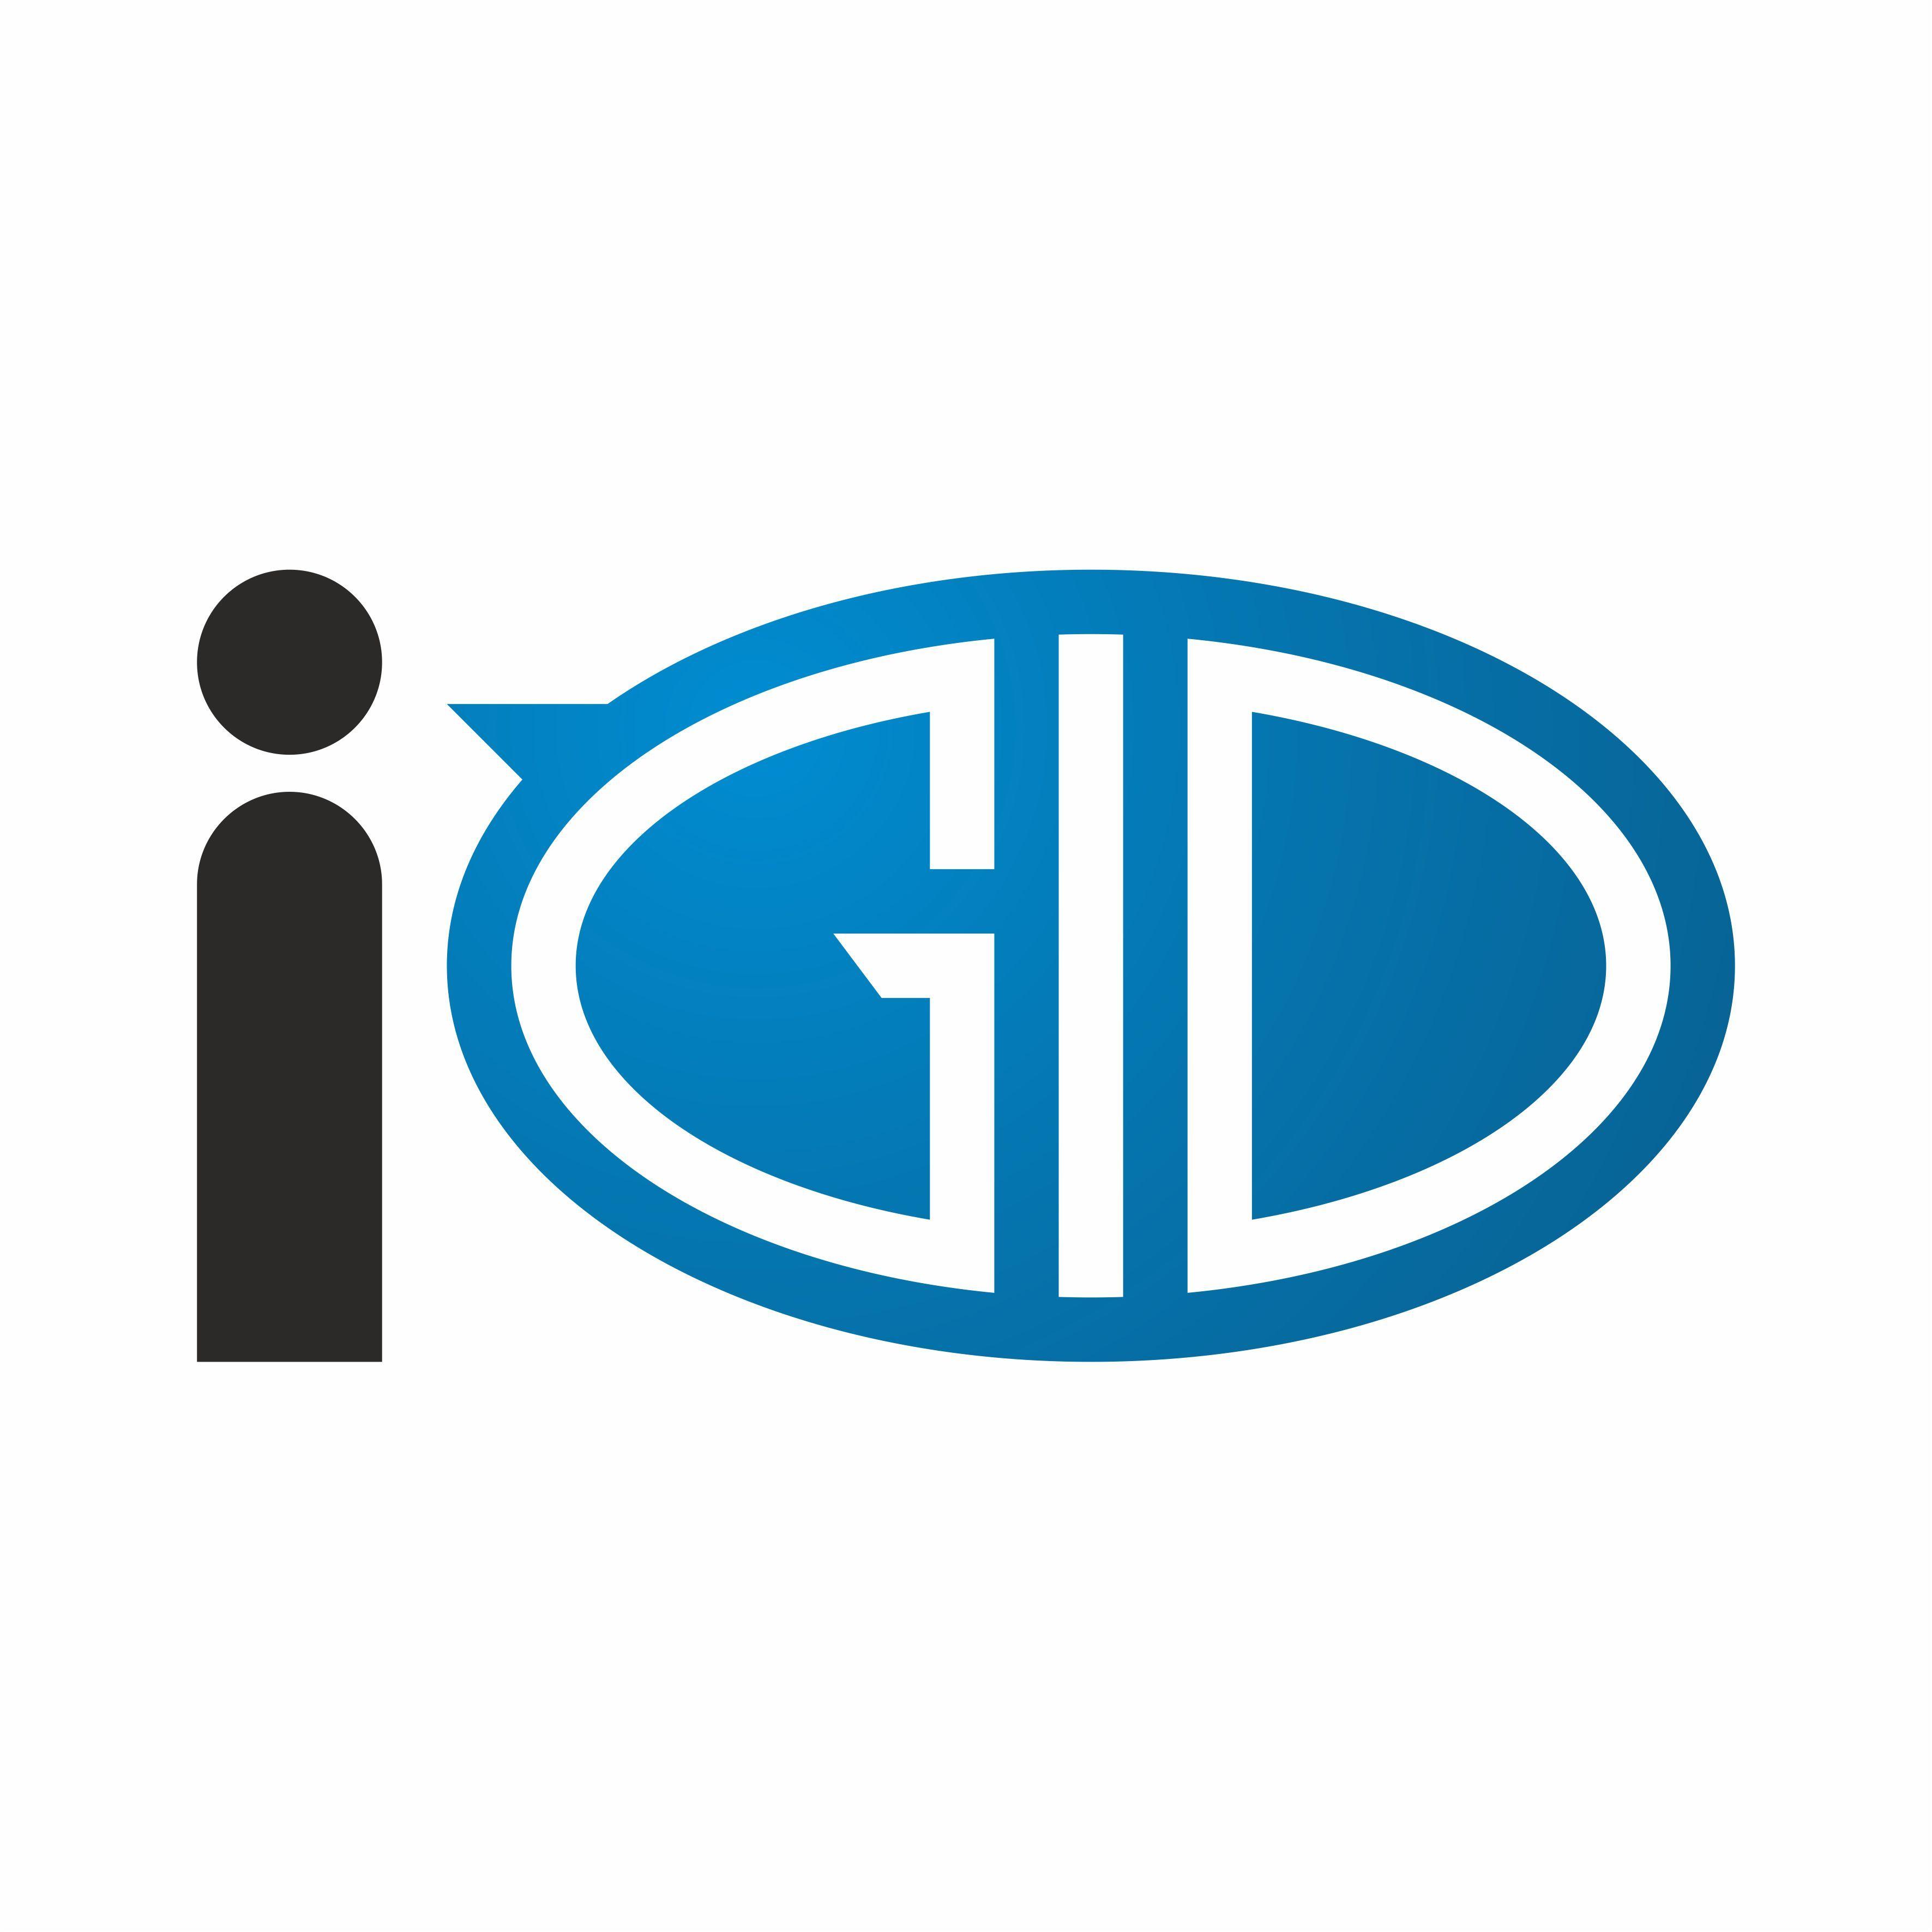 Создание логотипа iGid - дизайнер NickLight